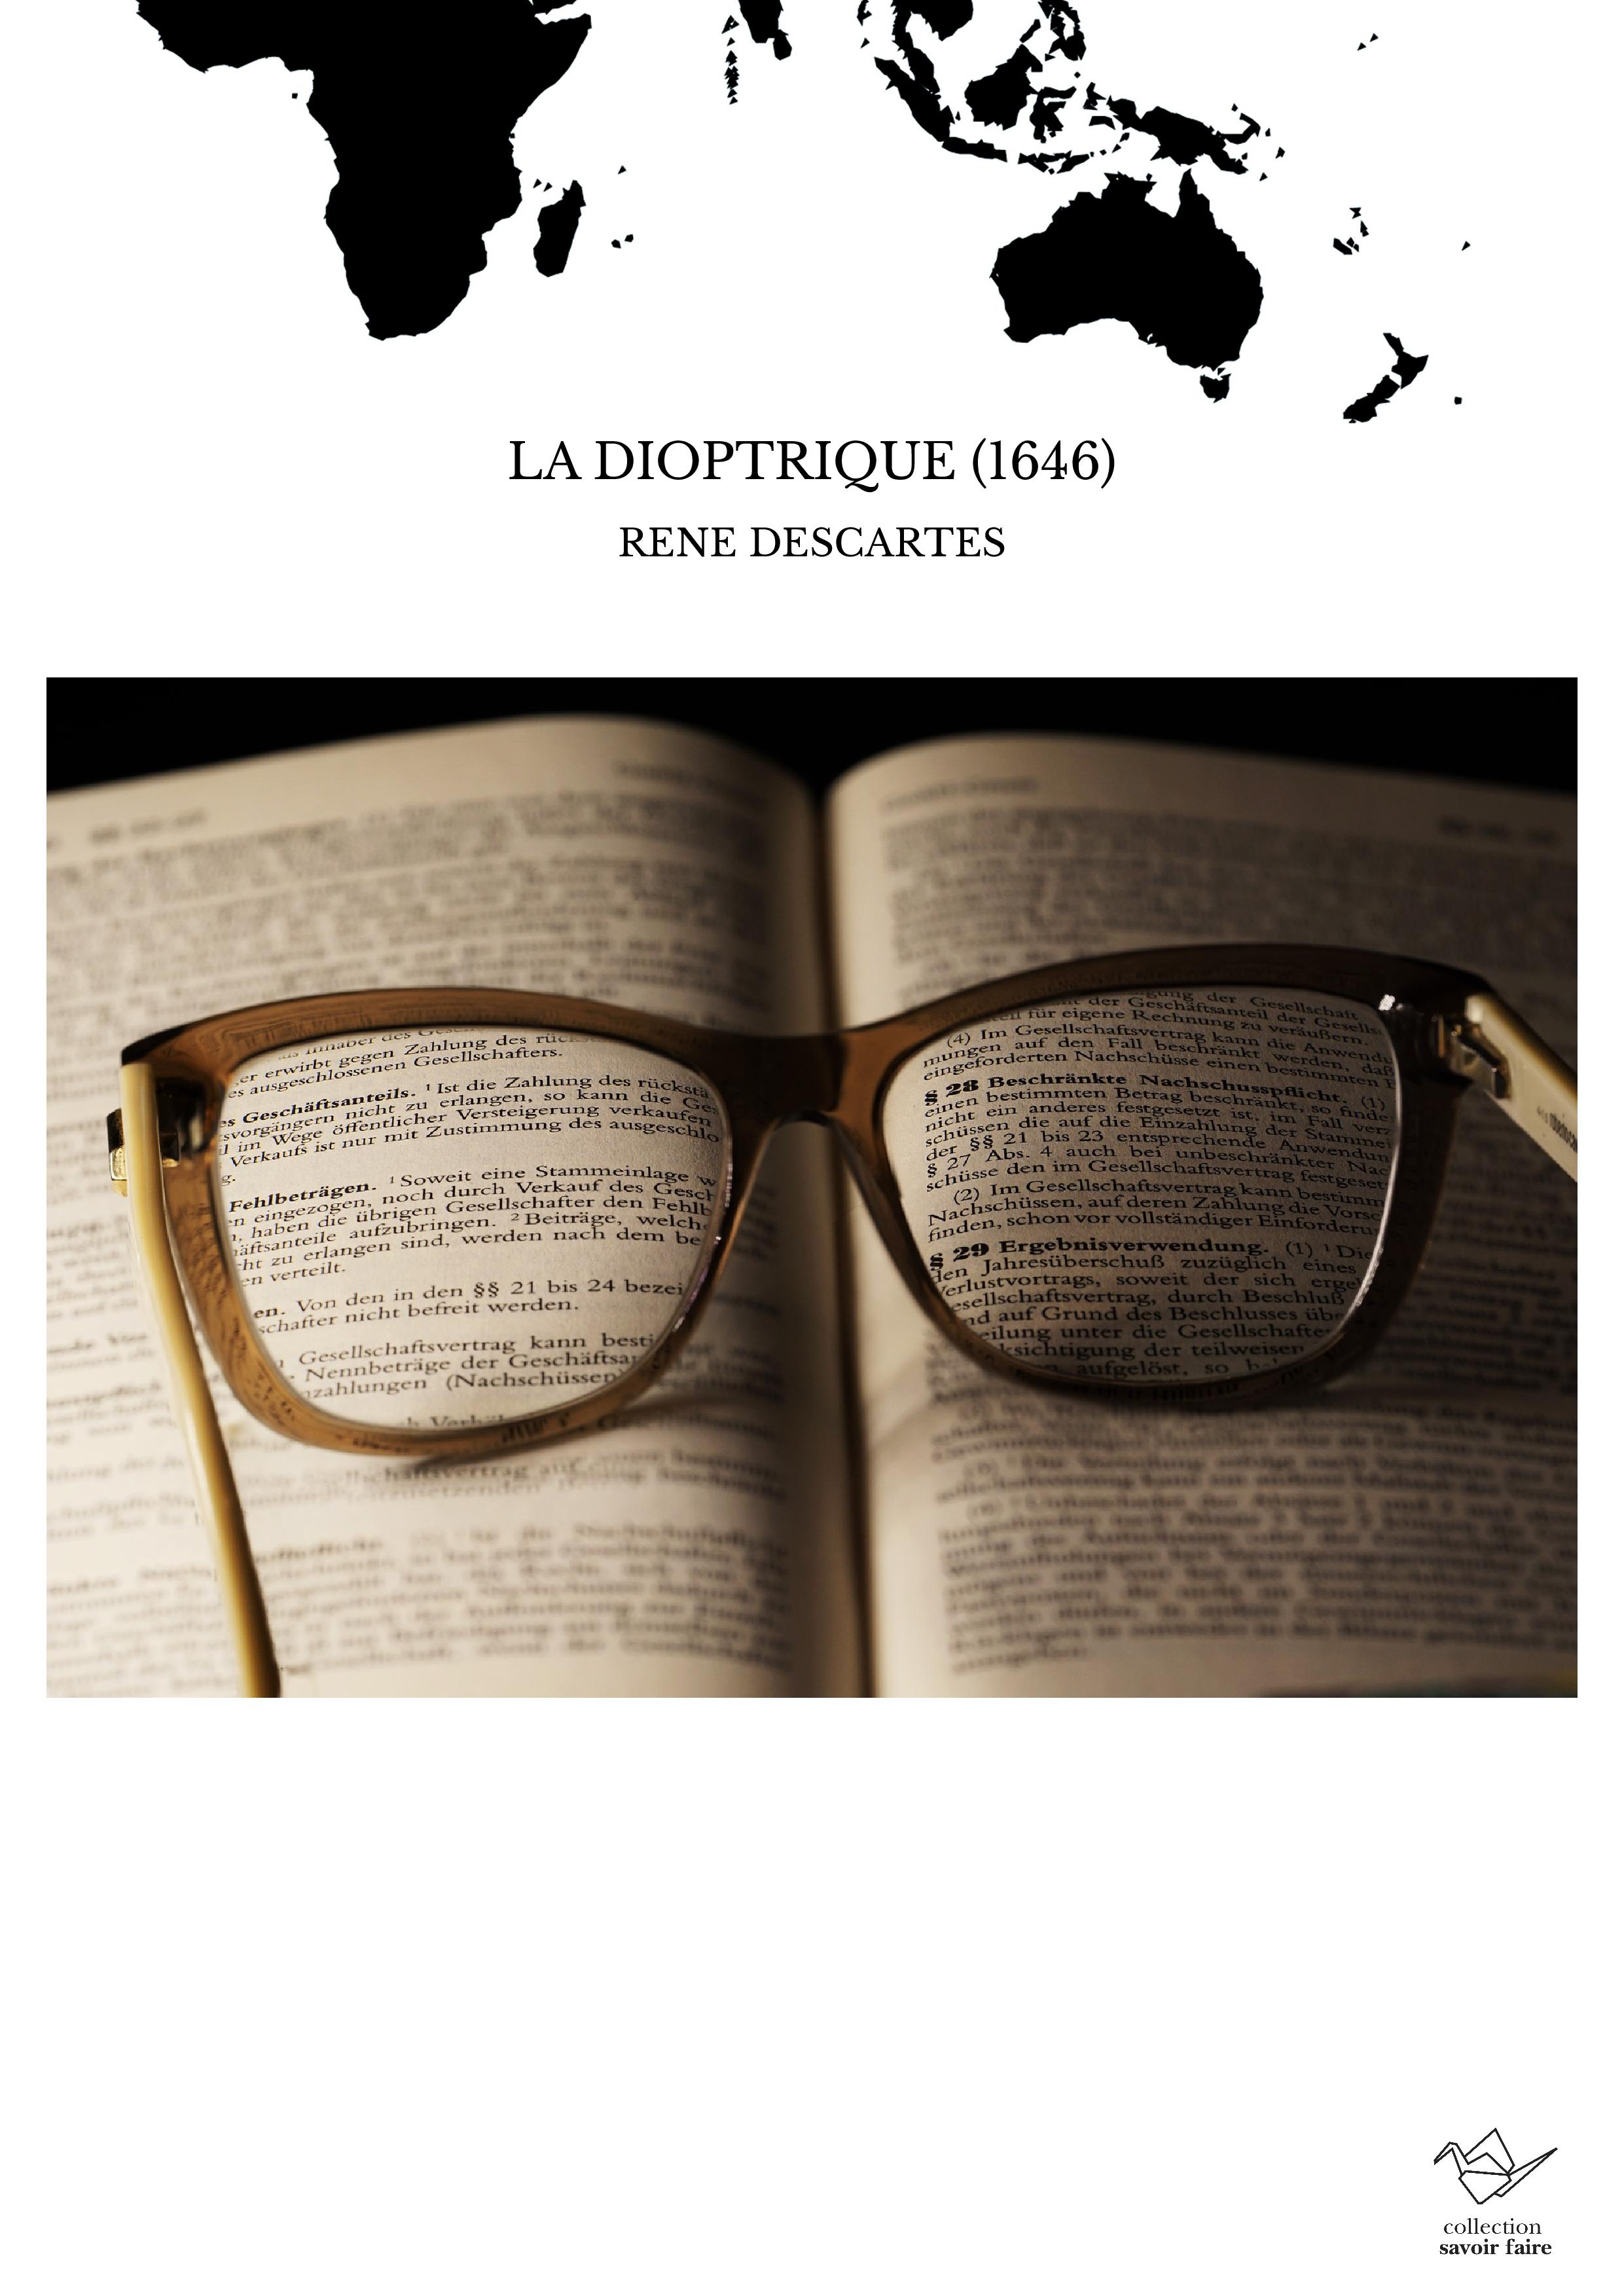 LA DIOPTRIQUE (1646)